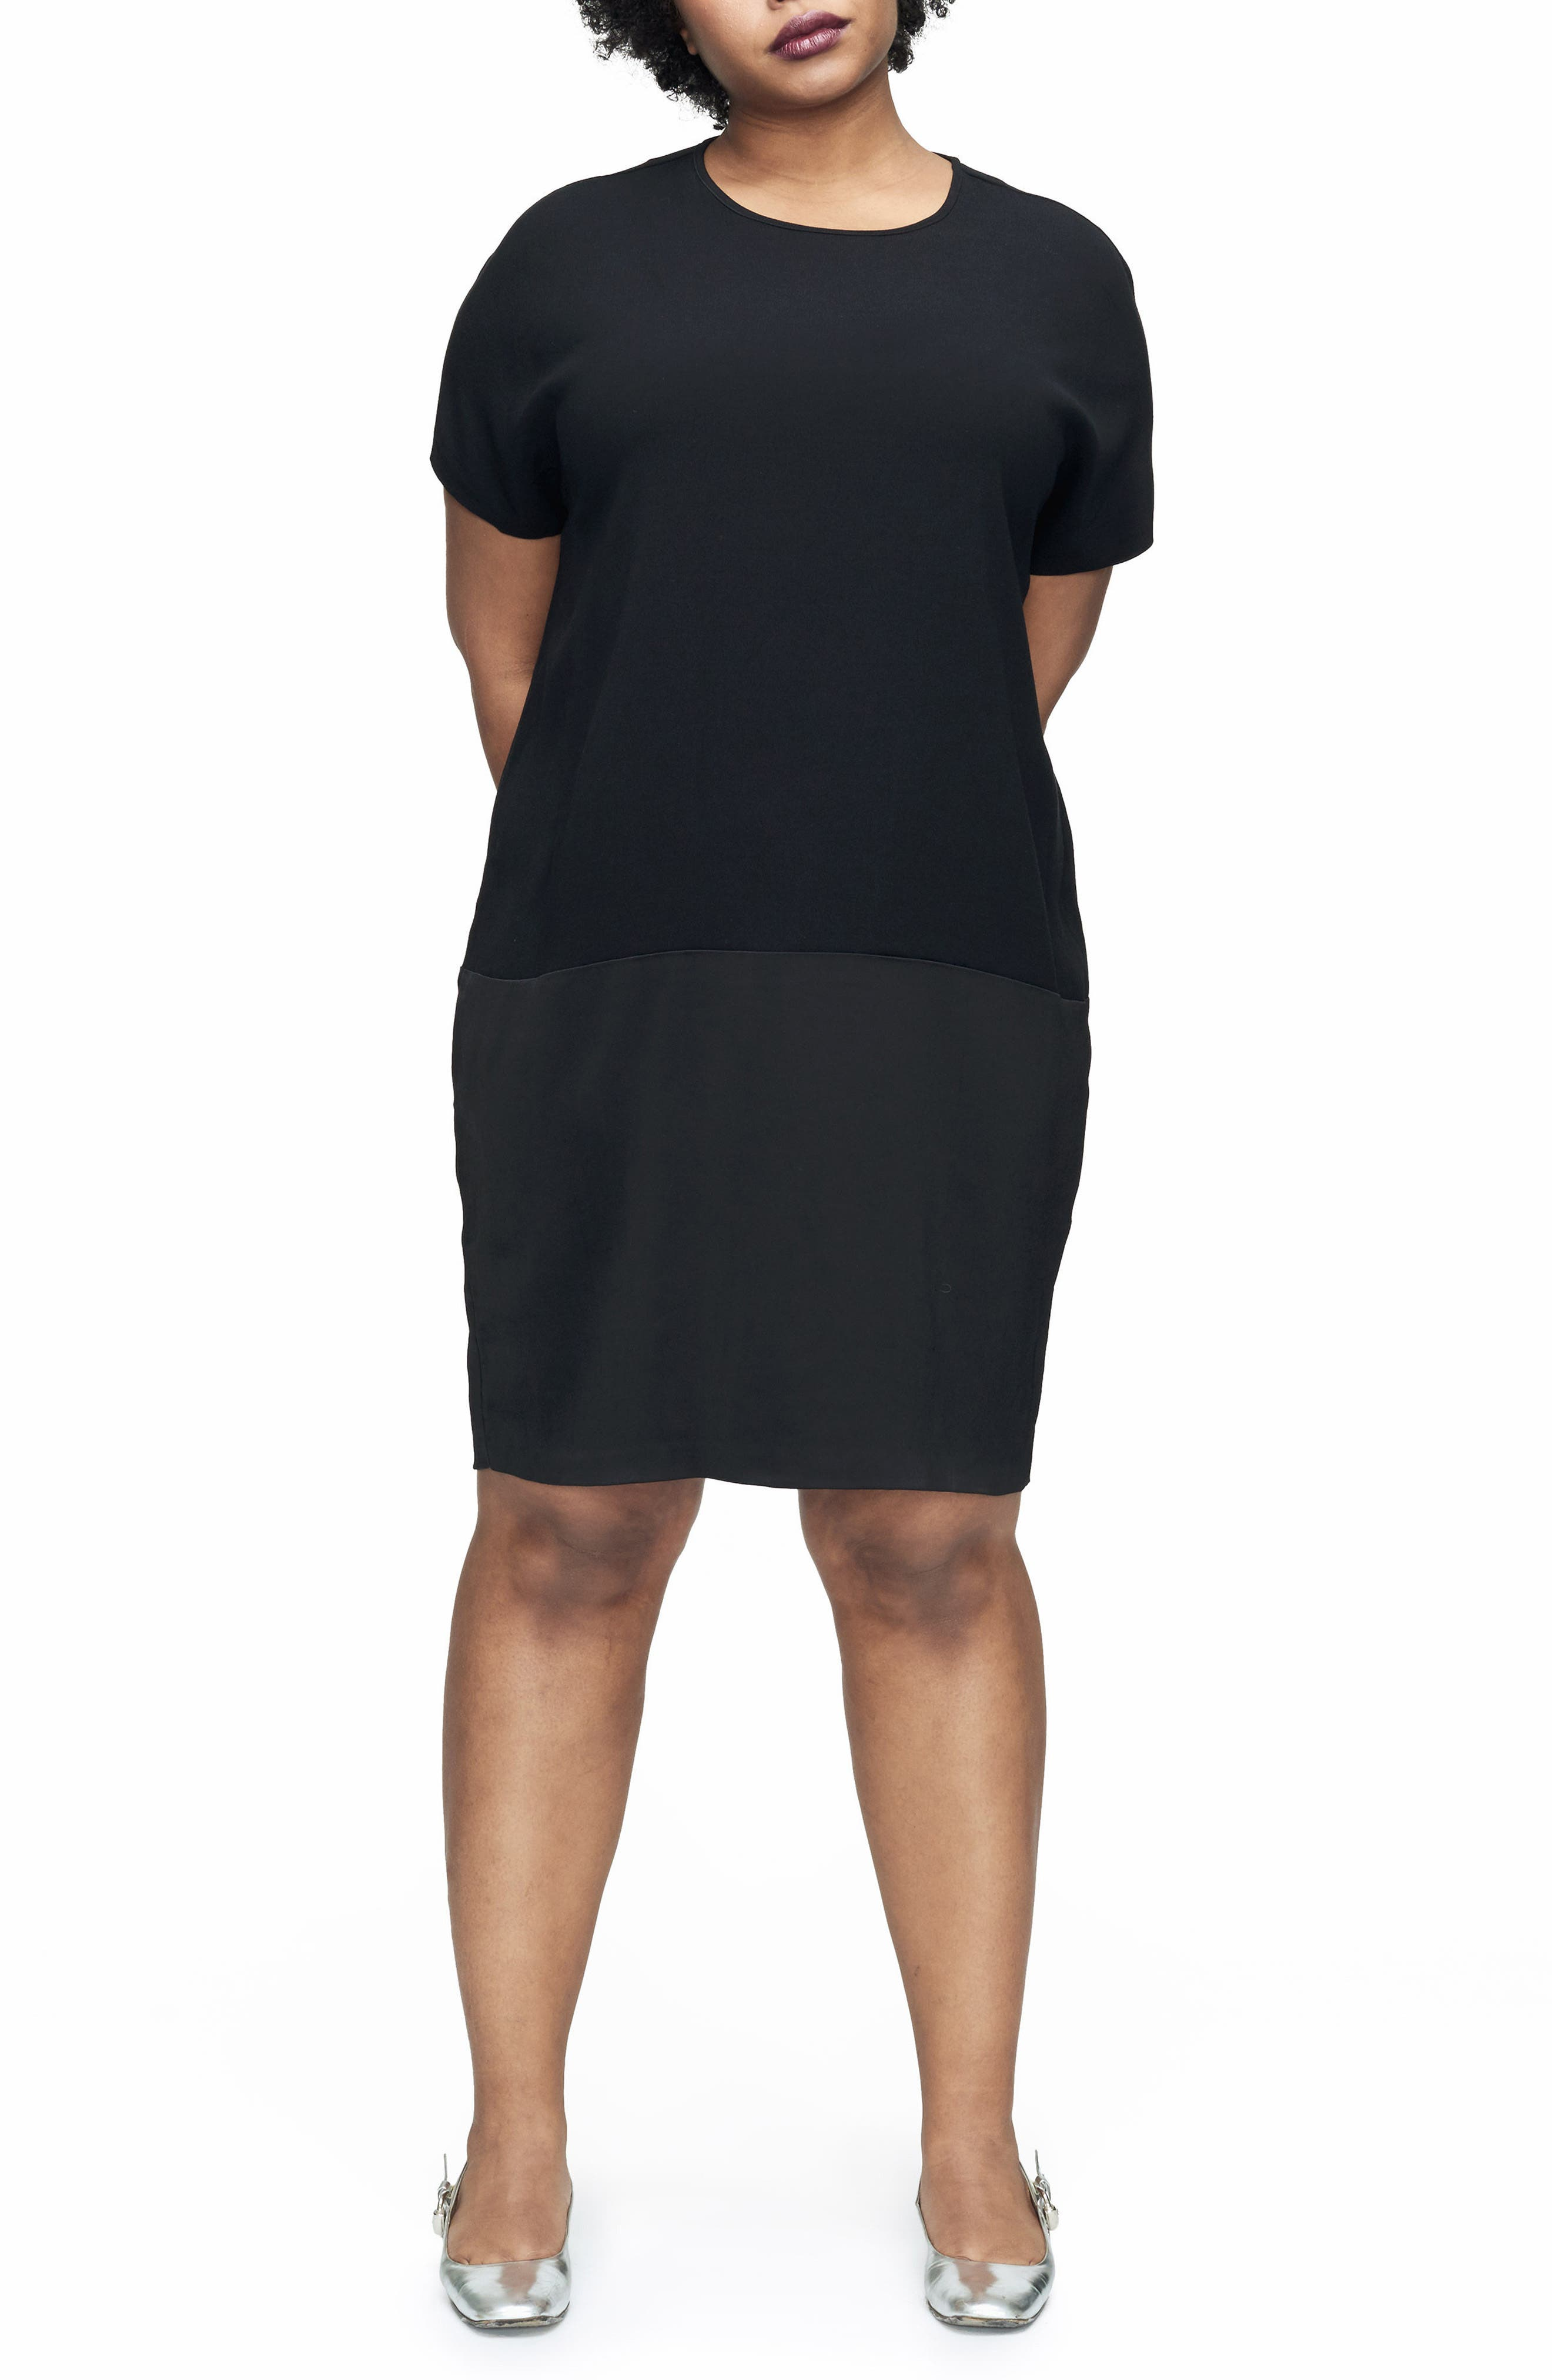 UNIVERSAL STANDARD Avenir Drop Waist Dress (Plus Size)